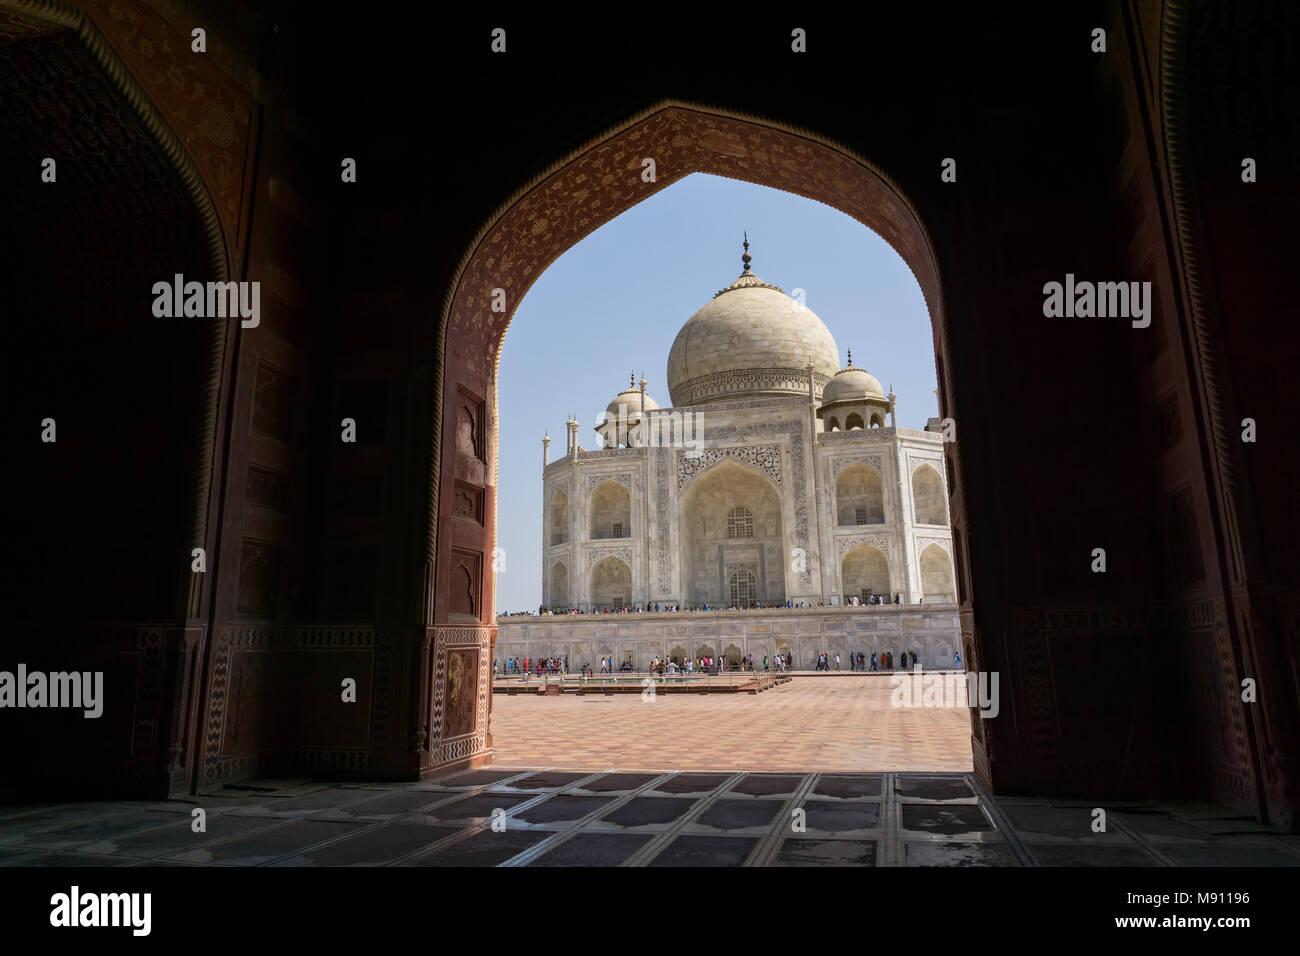 Blick auf das Taj Mahal in Agra, Uttar Pradesh, Indien. Es ist eine der am meisten besuchten Sehenswürdigkeiten in Indien. Stockbild